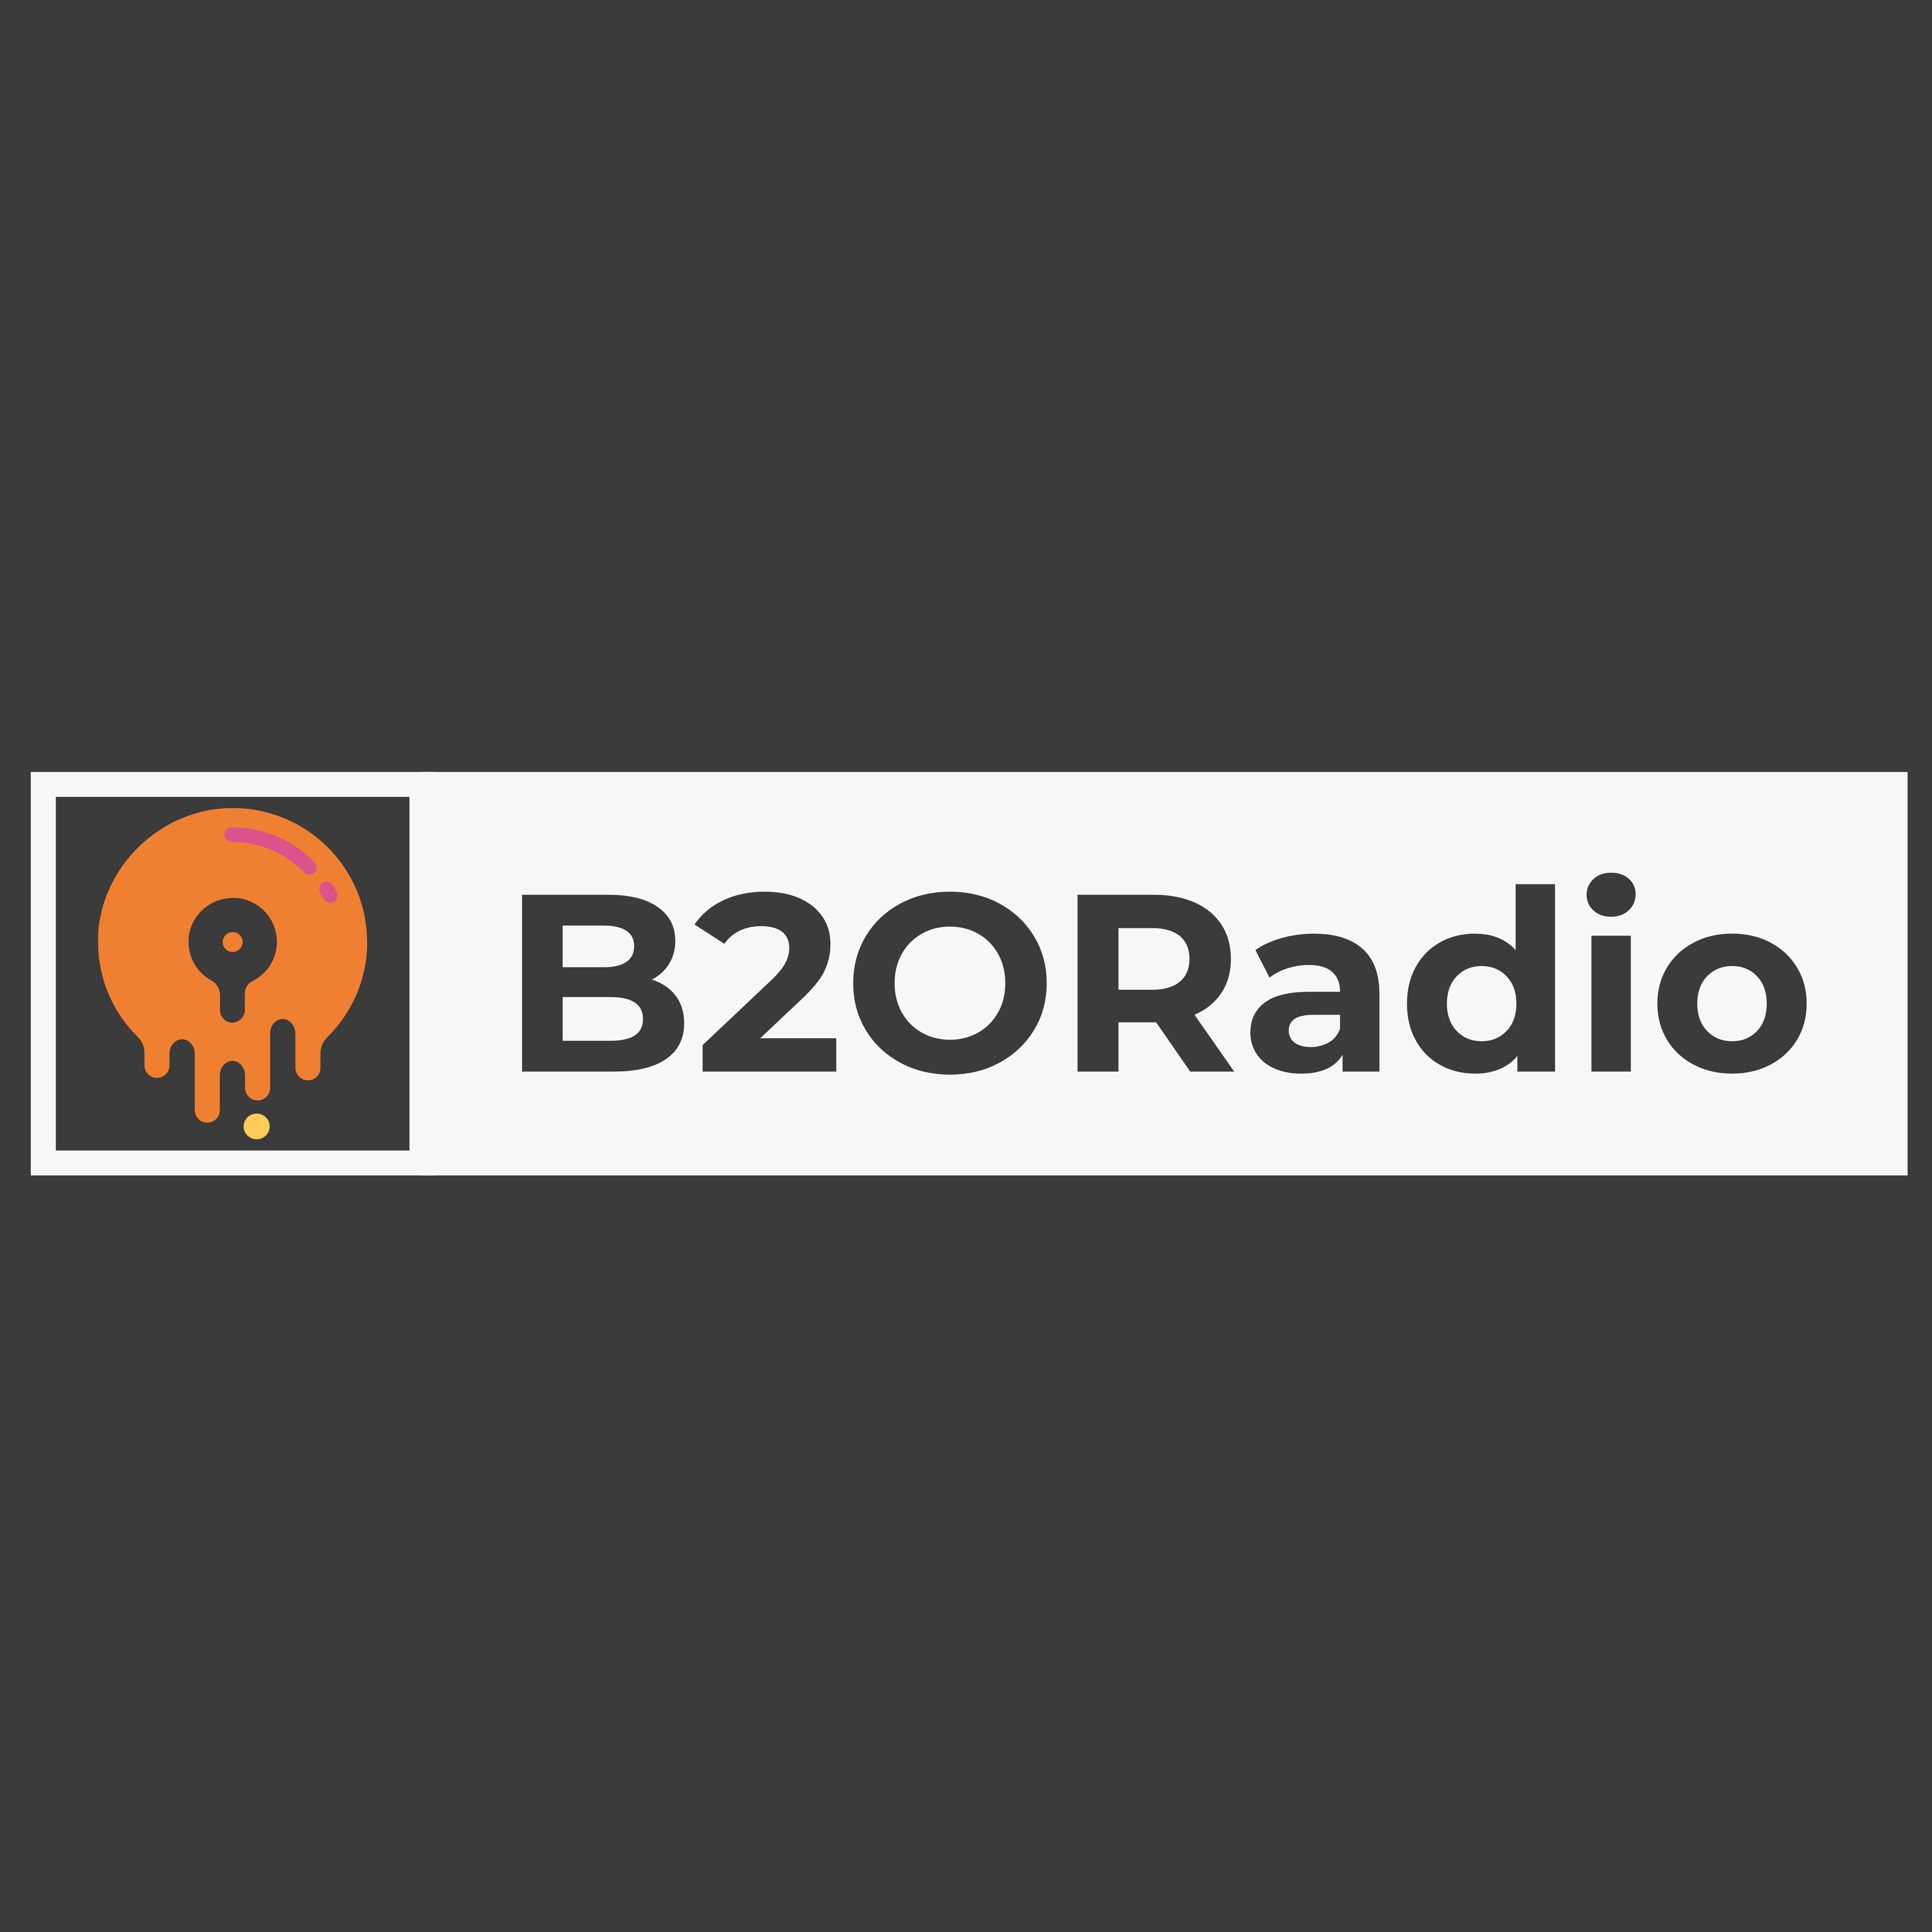 B20Radio